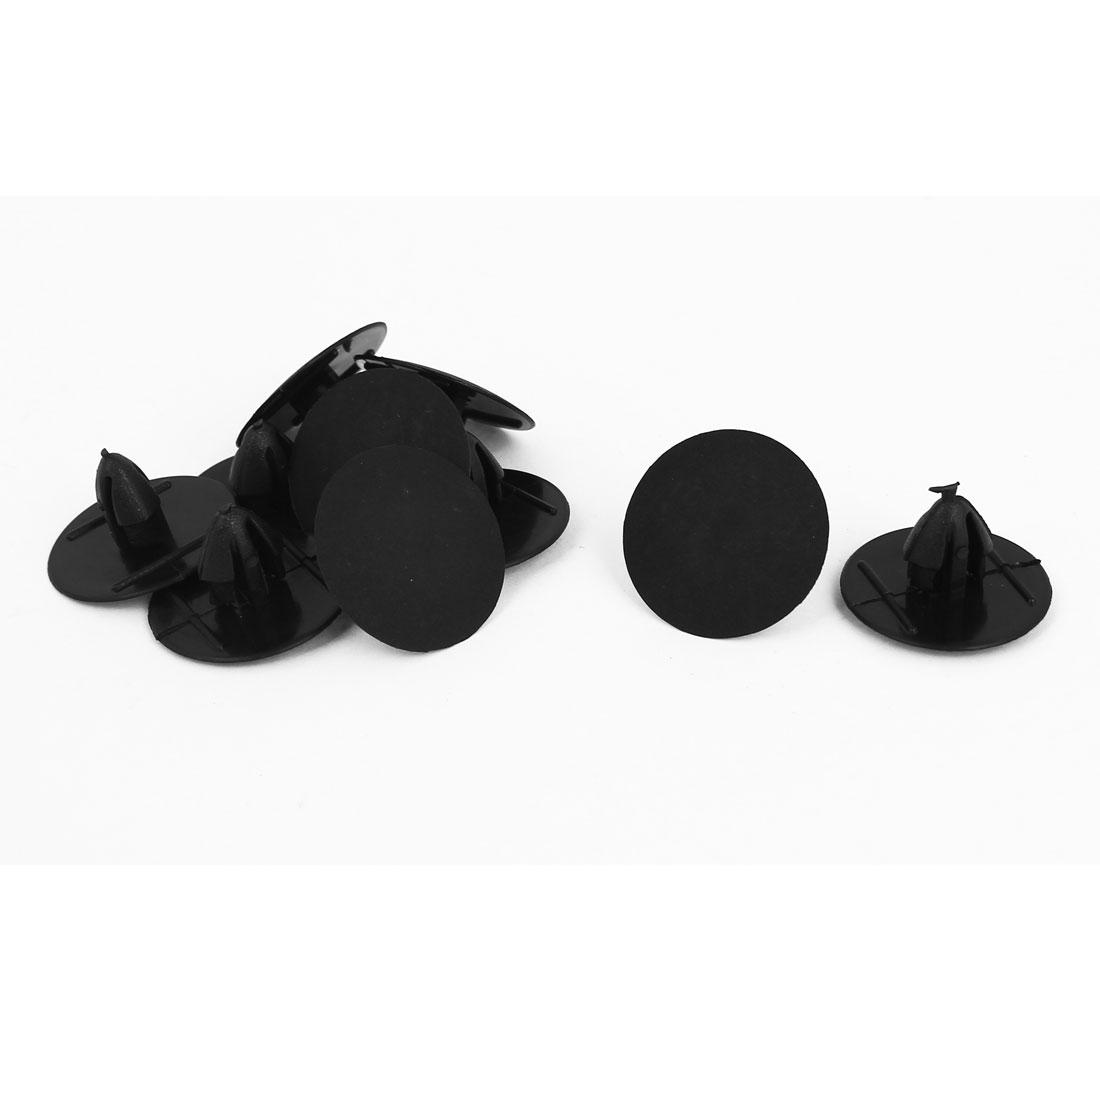 Black Plastic 10mm x 7mm Rivets Fastener Fender Car Bumper Push Clips 10 Pcs